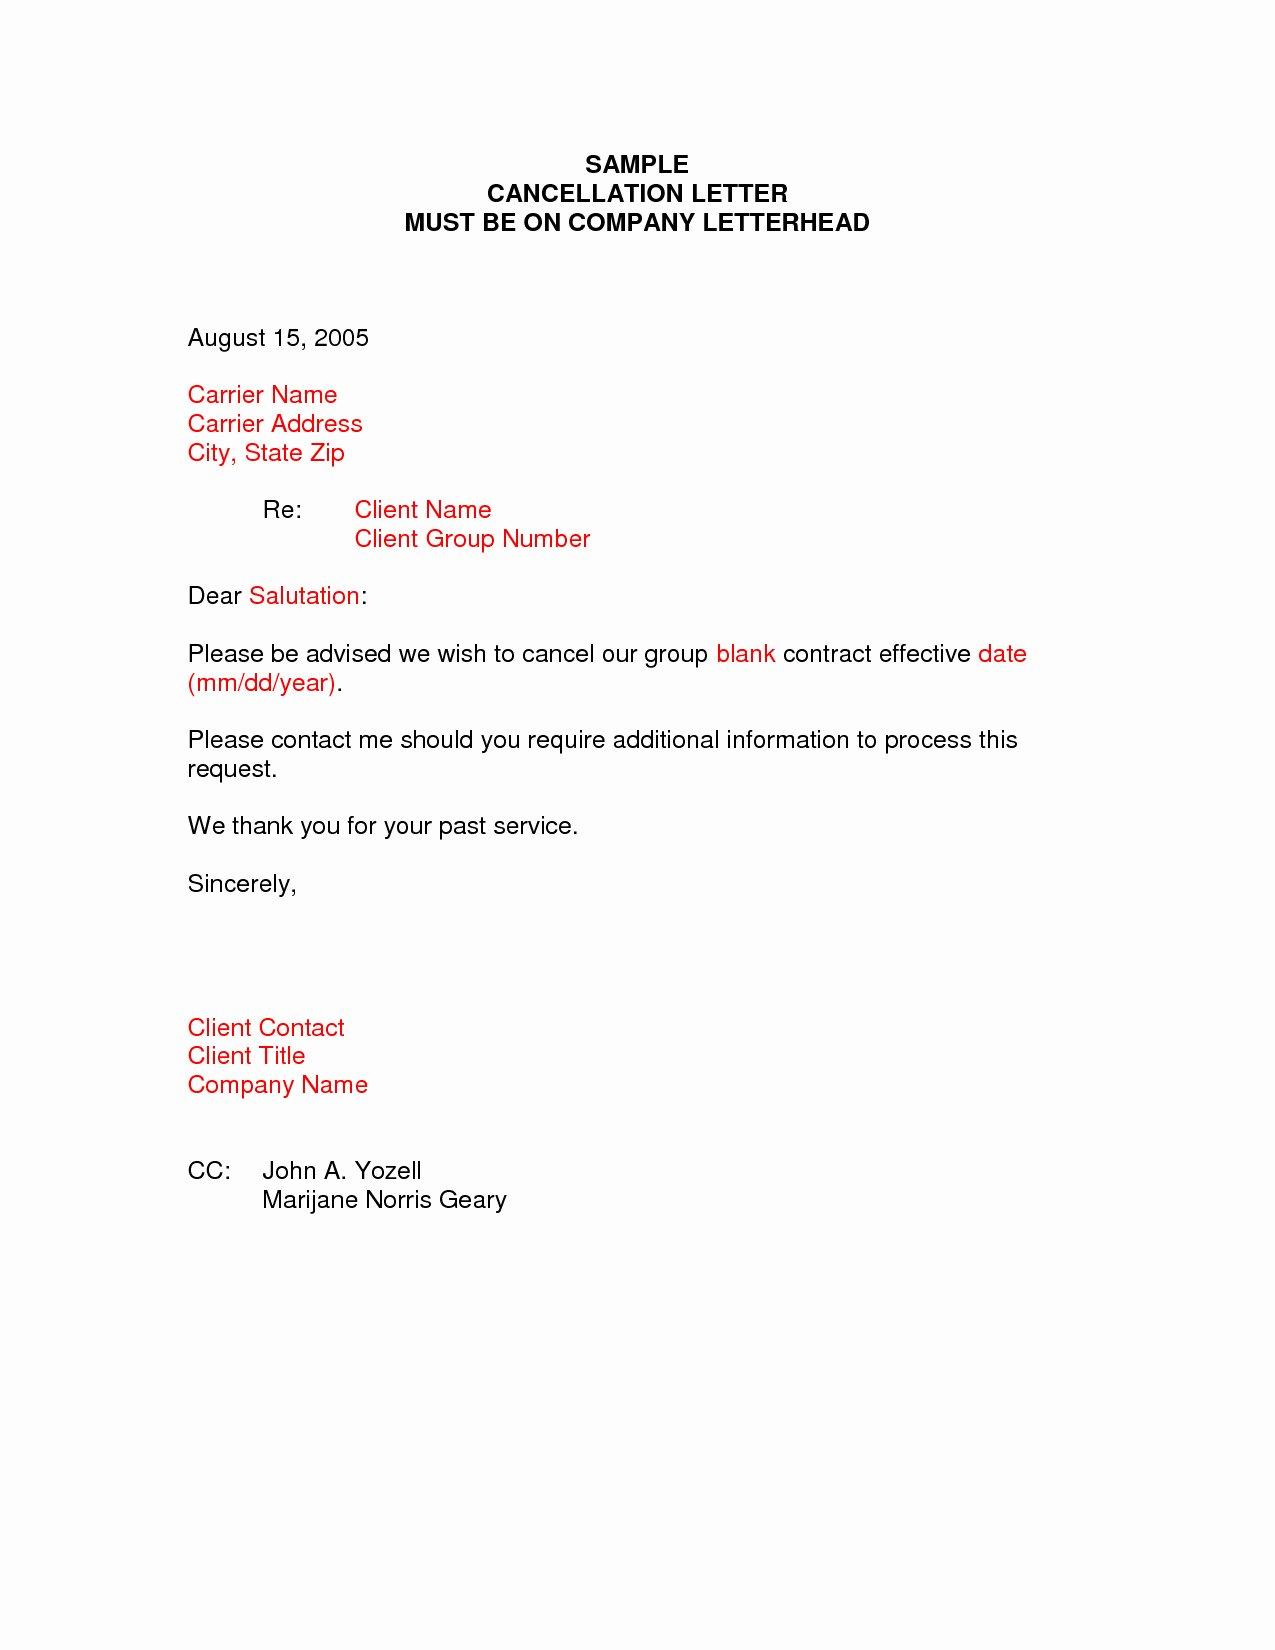 Client Termination Letter Template Unique Client Termination Letter Template Samples